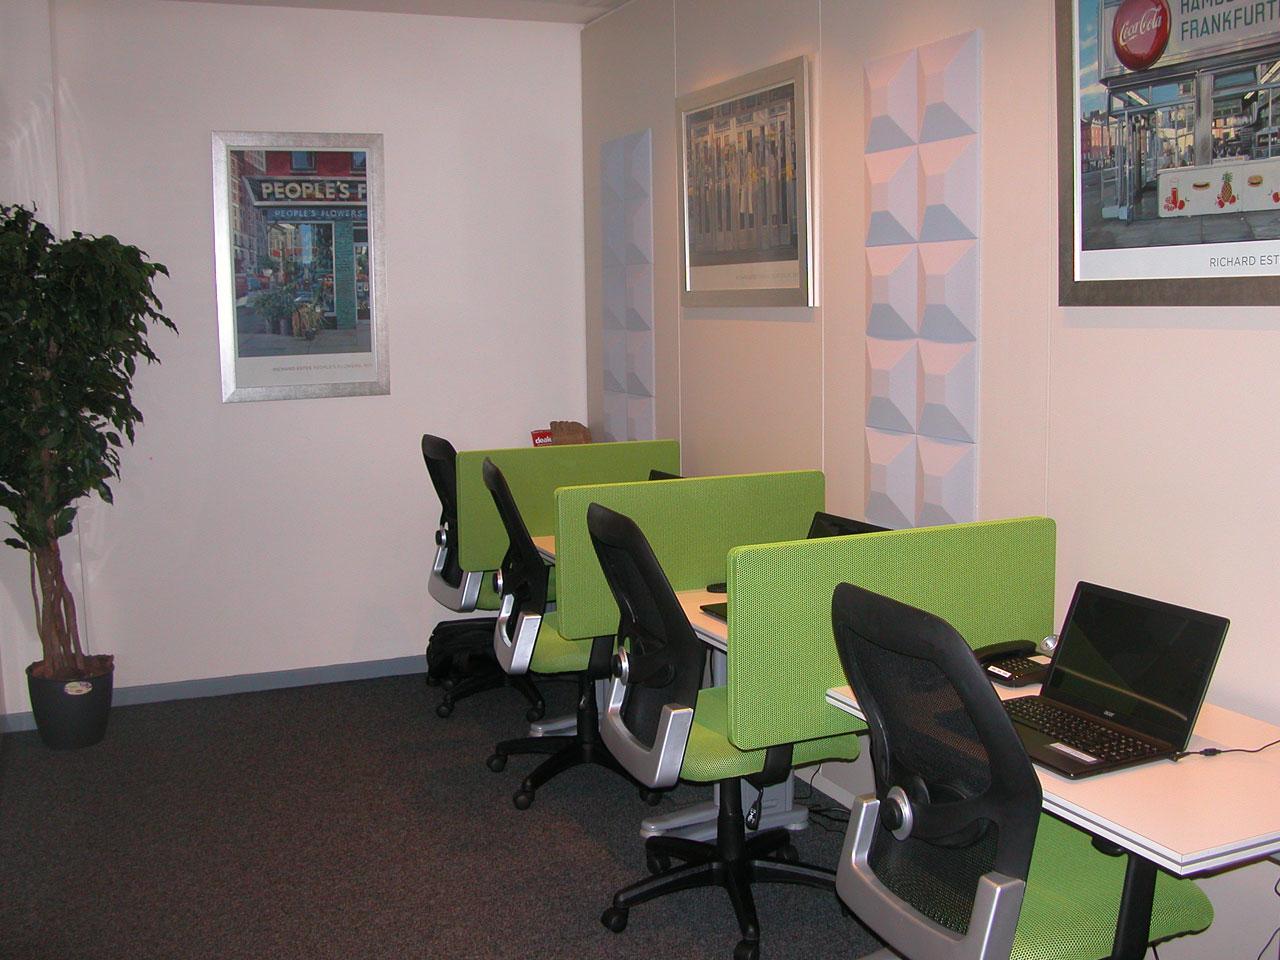 despacho 2 - telemarketing